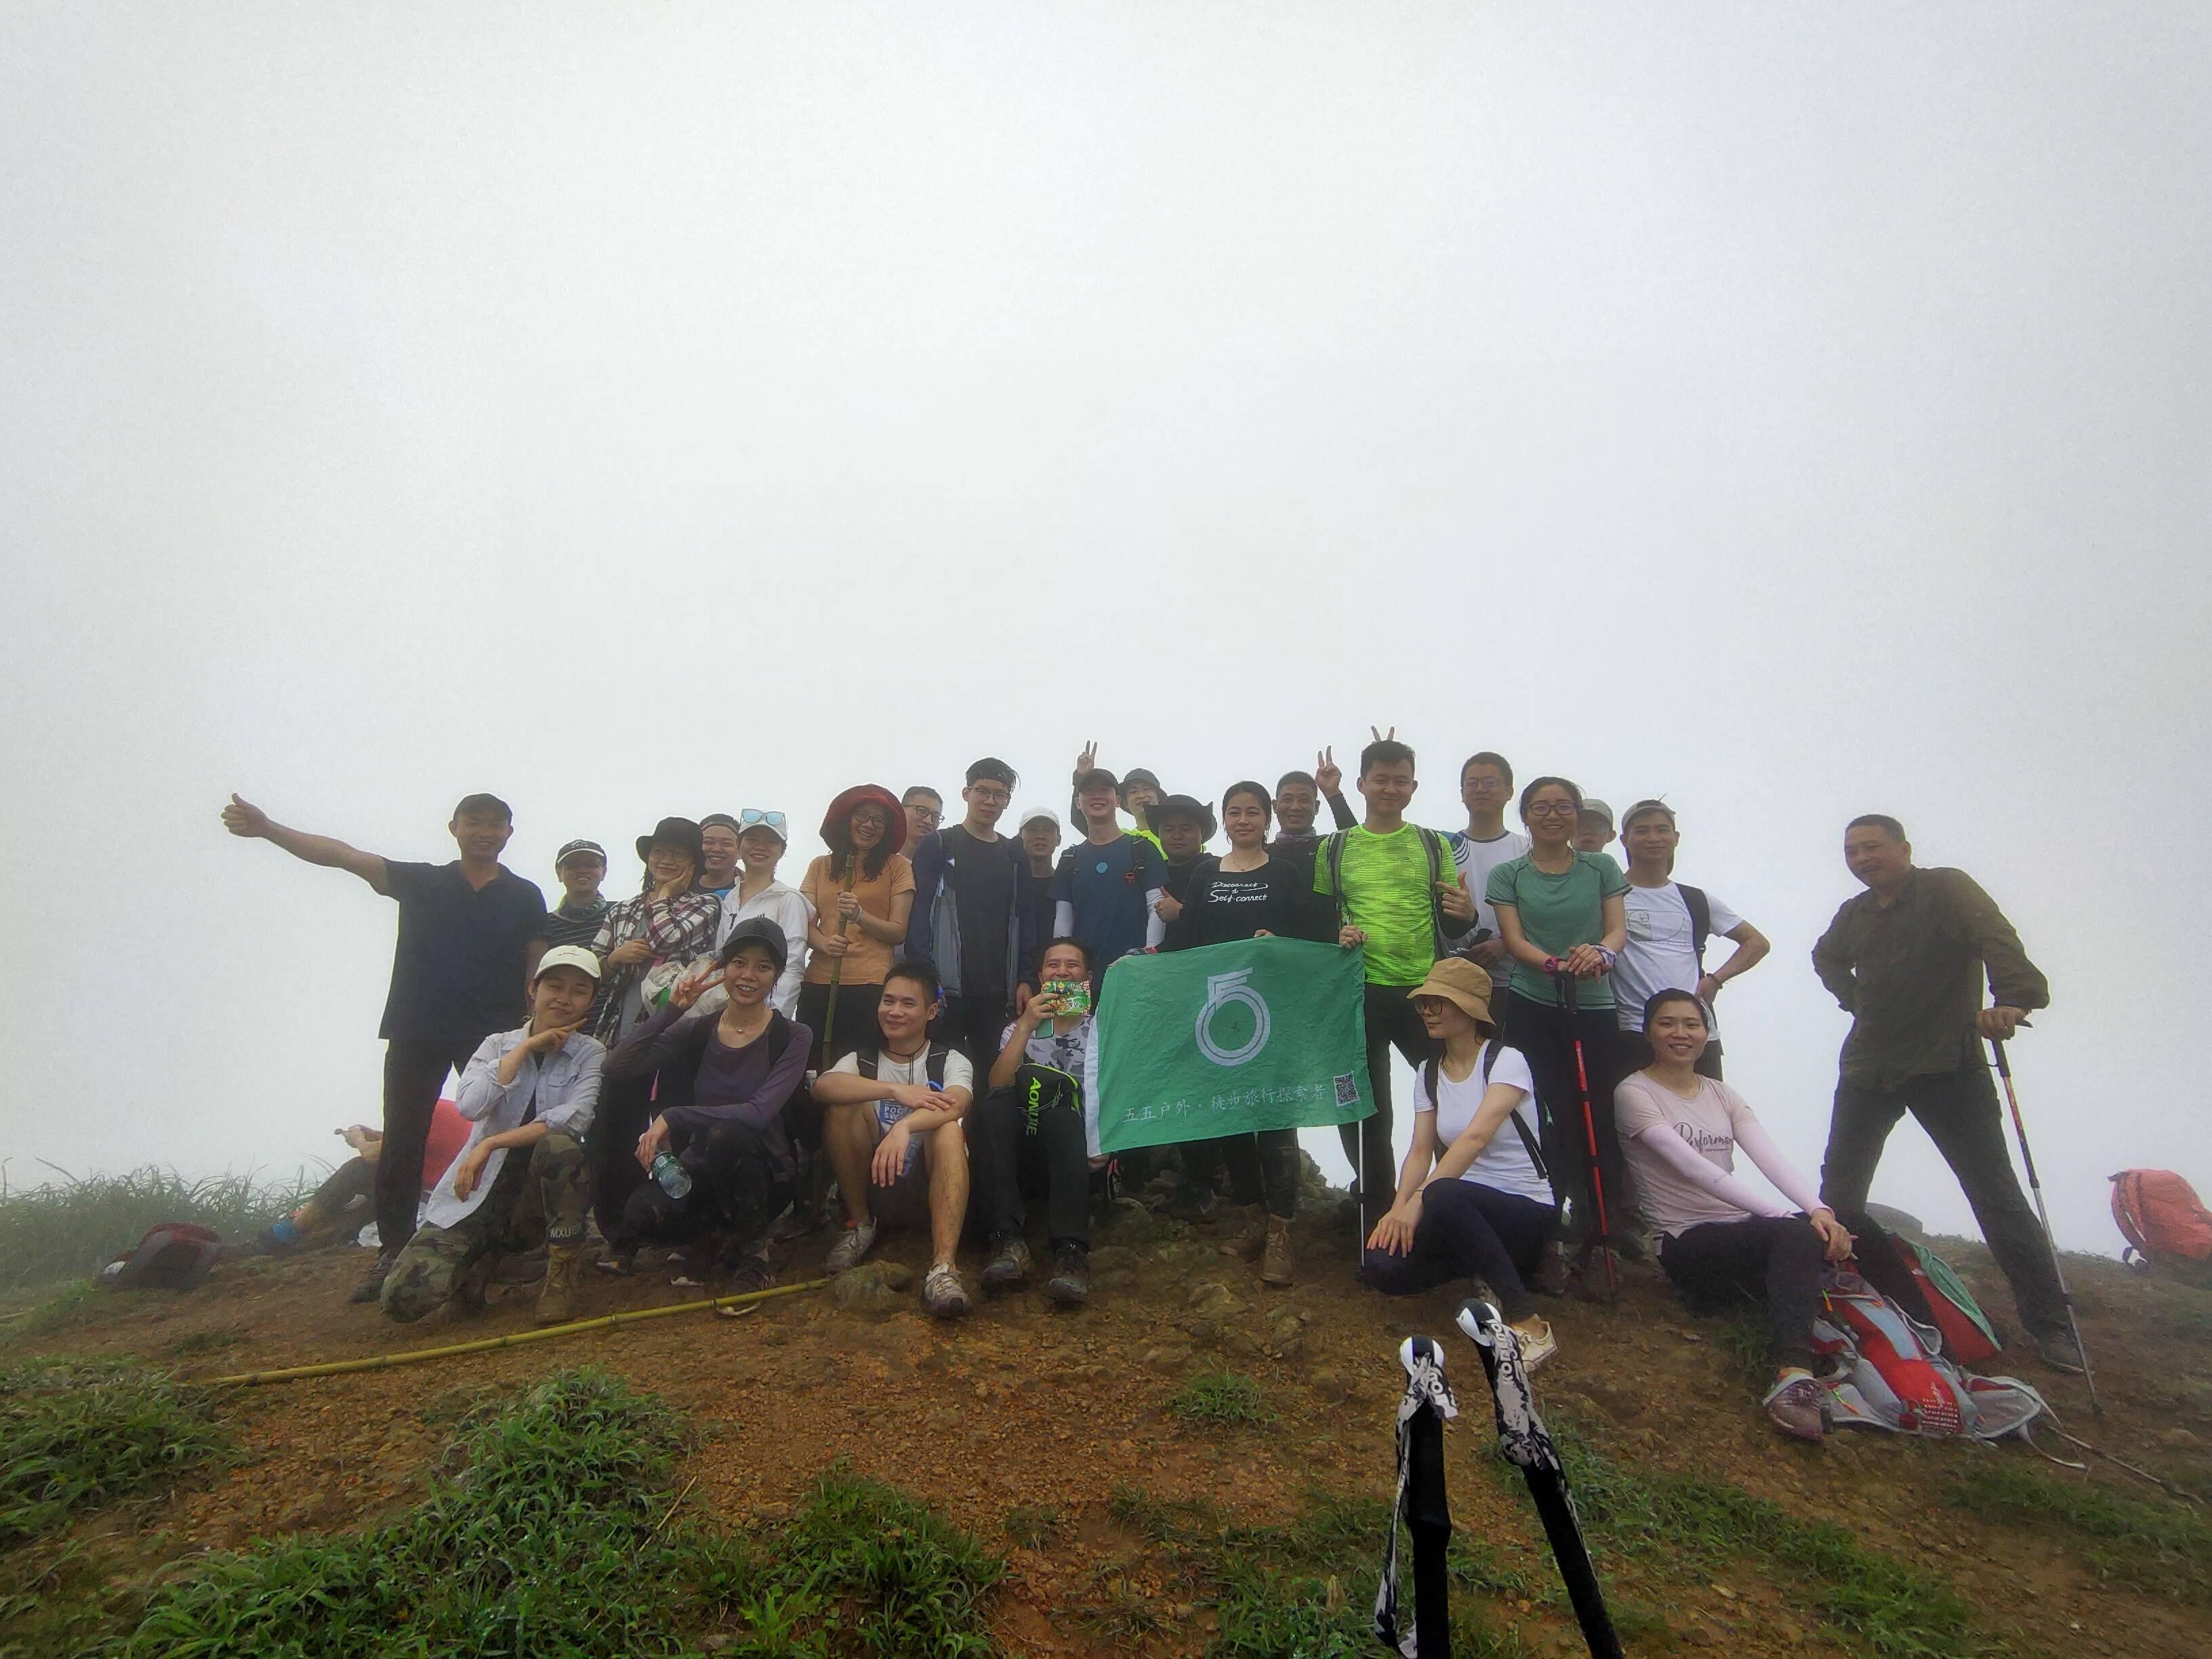 55户外-2020年05月31日 大南山穿越 深圳出发